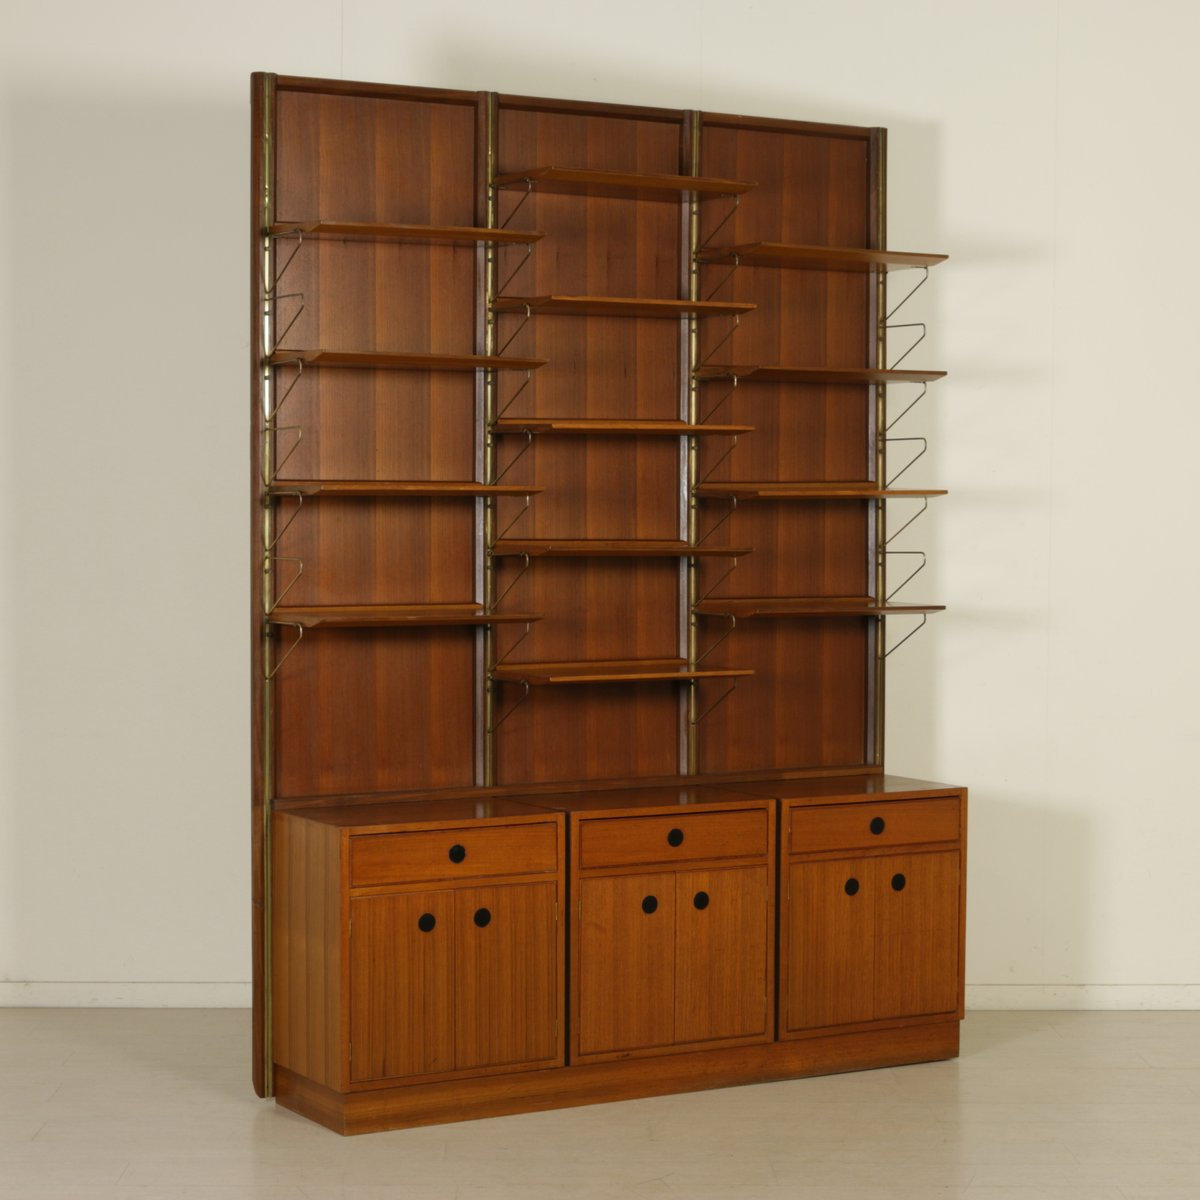 biblioth que en placage de bois de teck et laiton 1960s. Black Bedroom Furniture Sets. Home Design Ideas